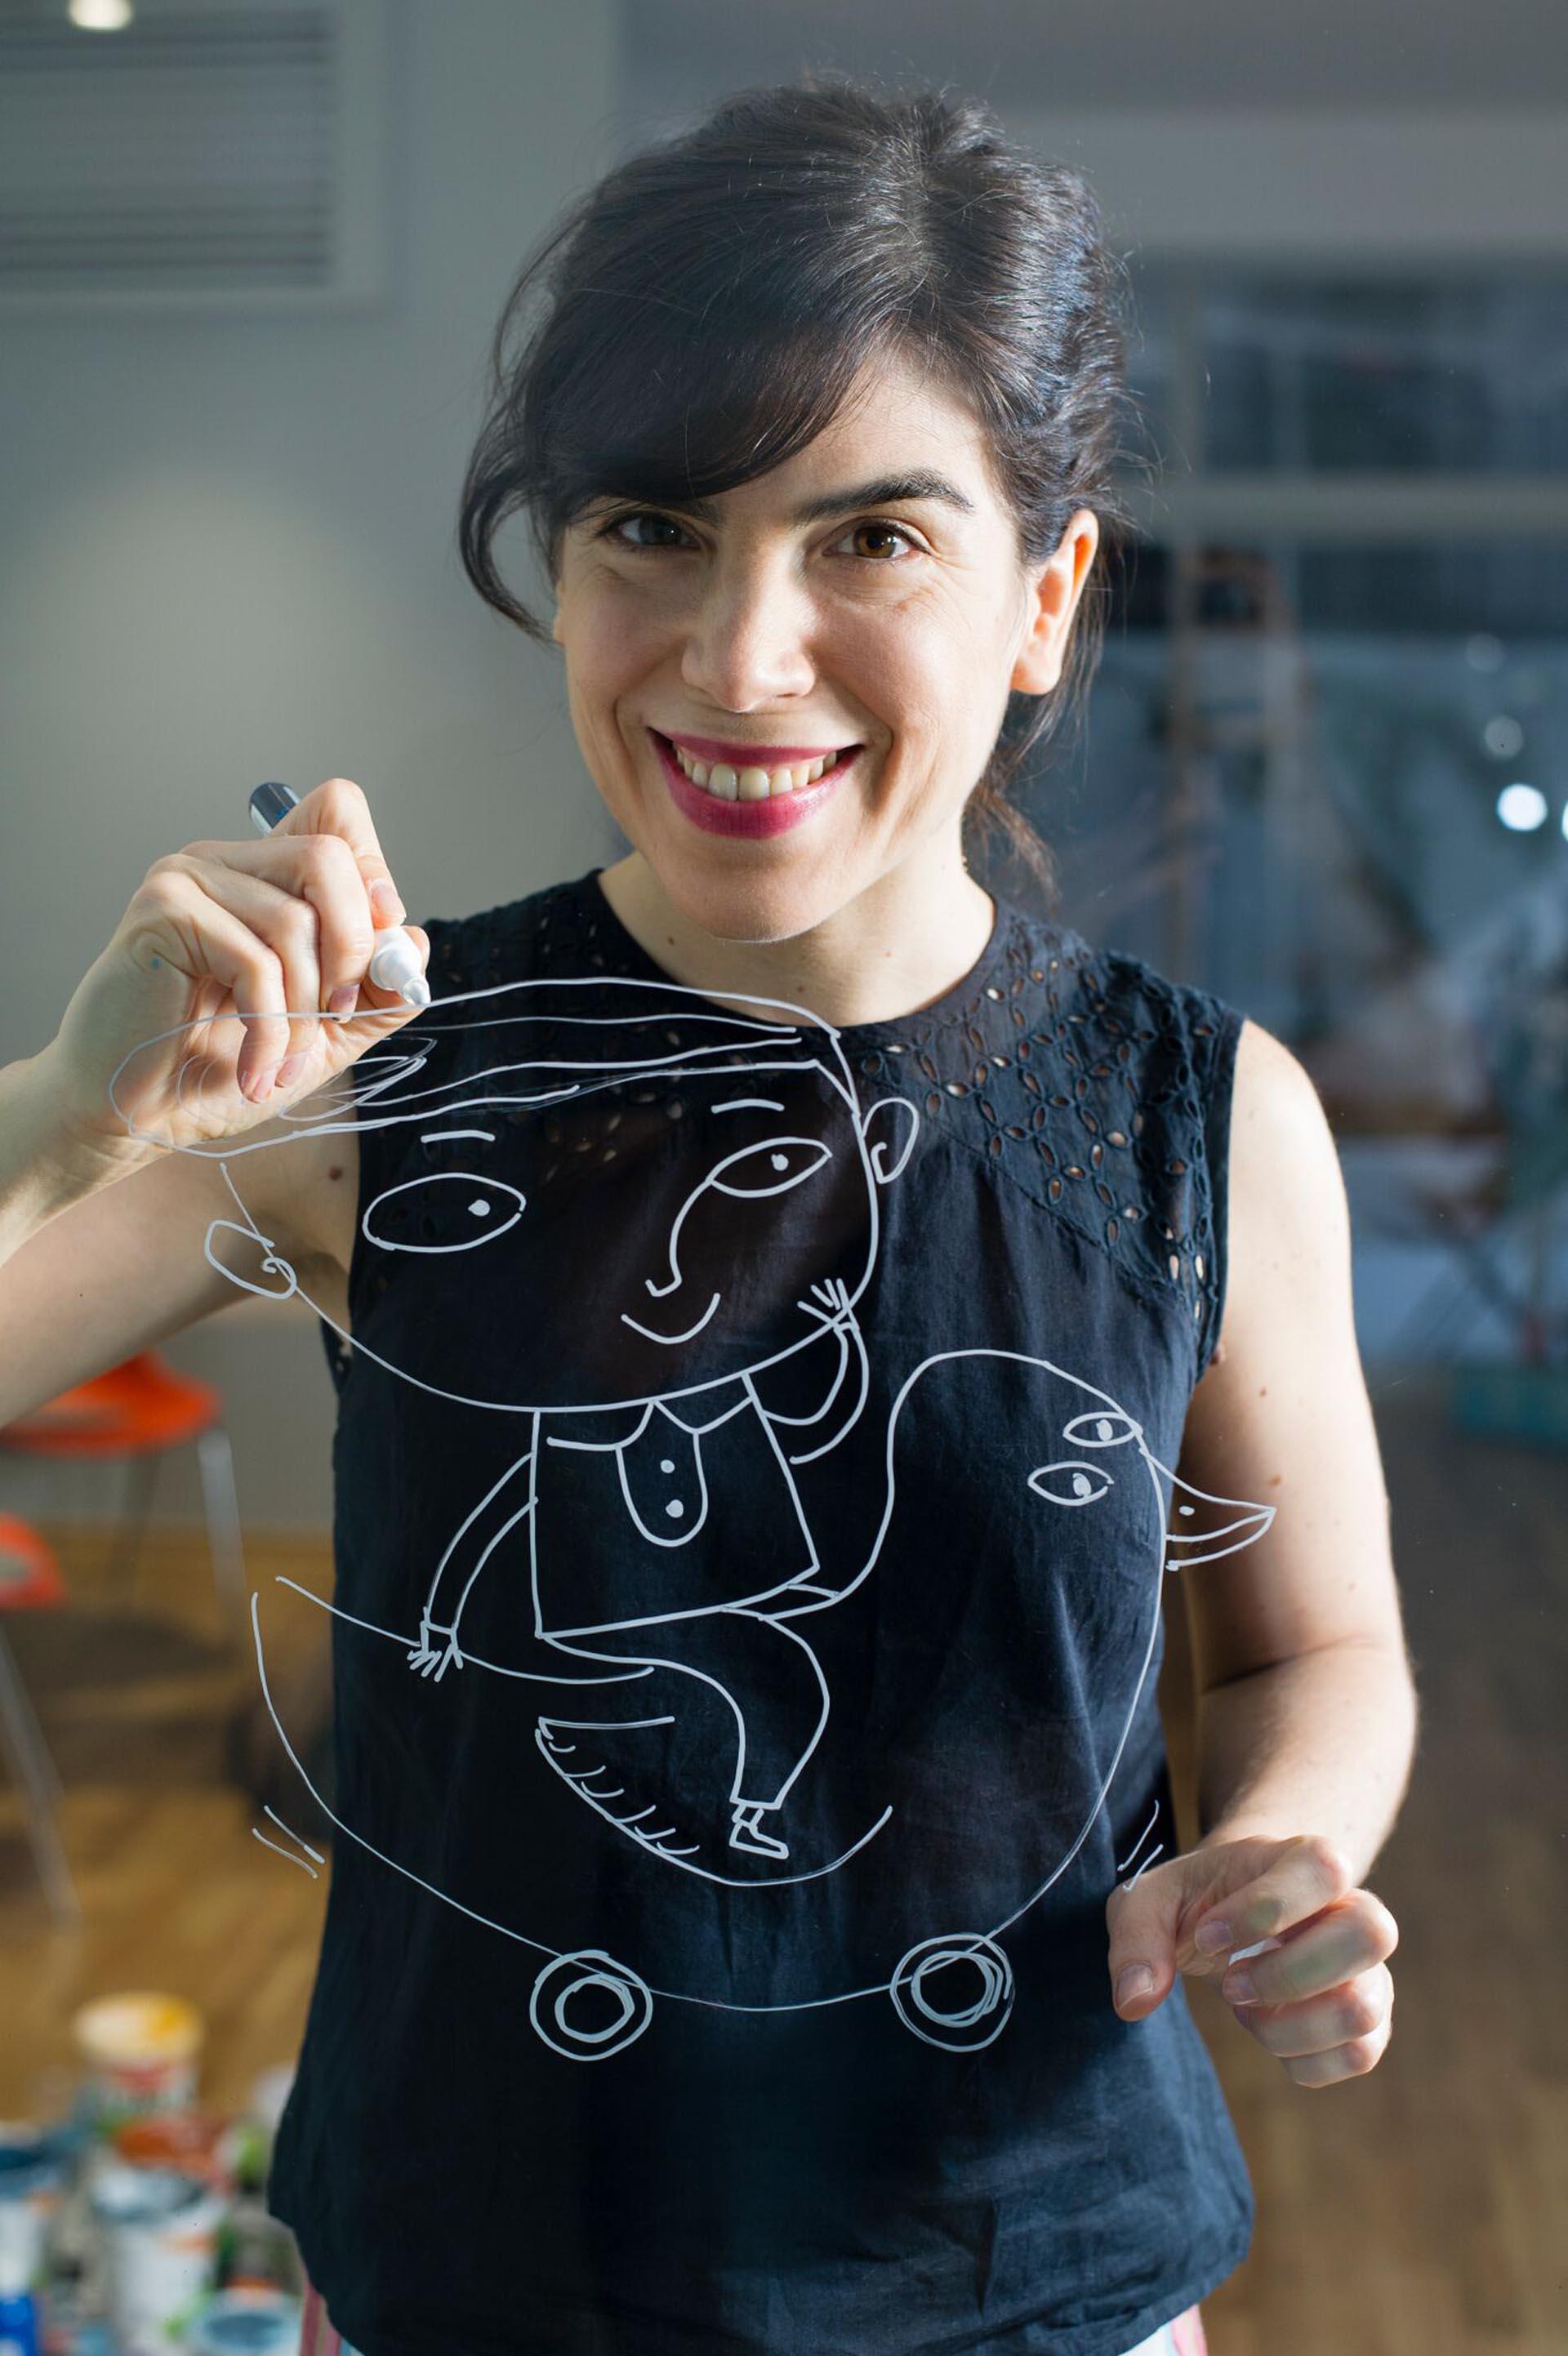 Isol, la gran ilustradora argentina, reveló detalles de sus nuevos proyectos